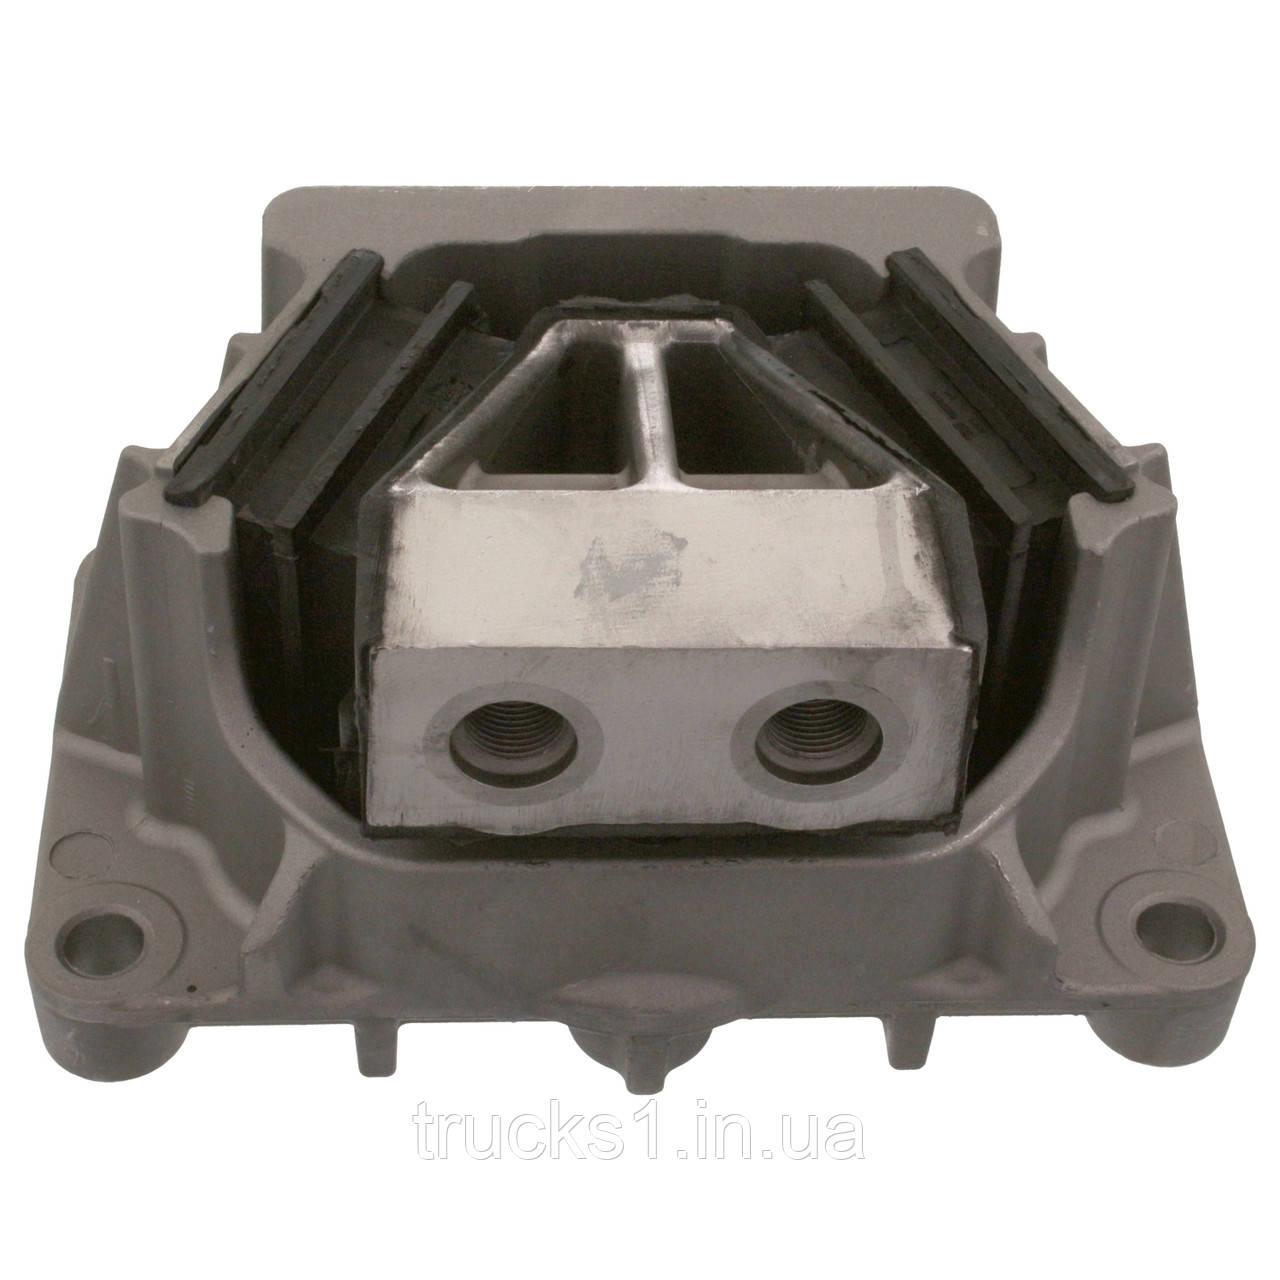 Подушка двигуна Mercedes 15485 (FEBI)